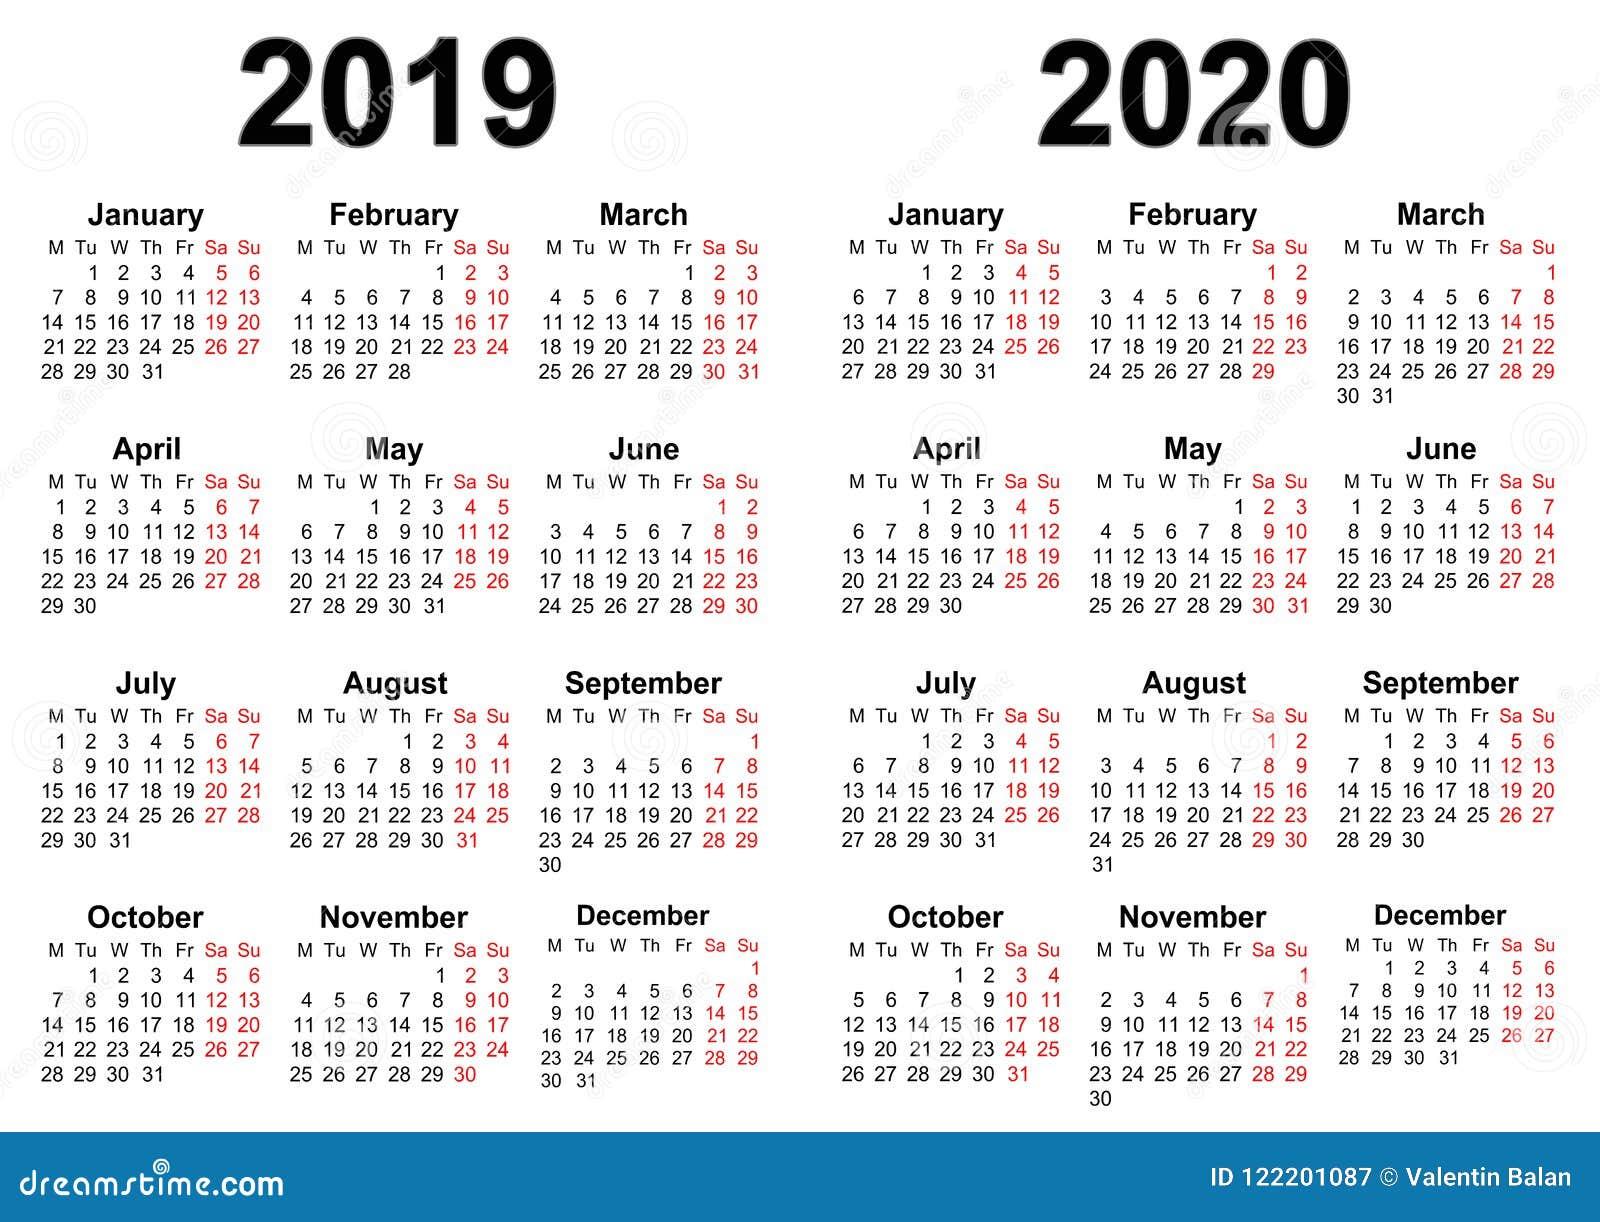 Calendrier pour 2019 et 2020